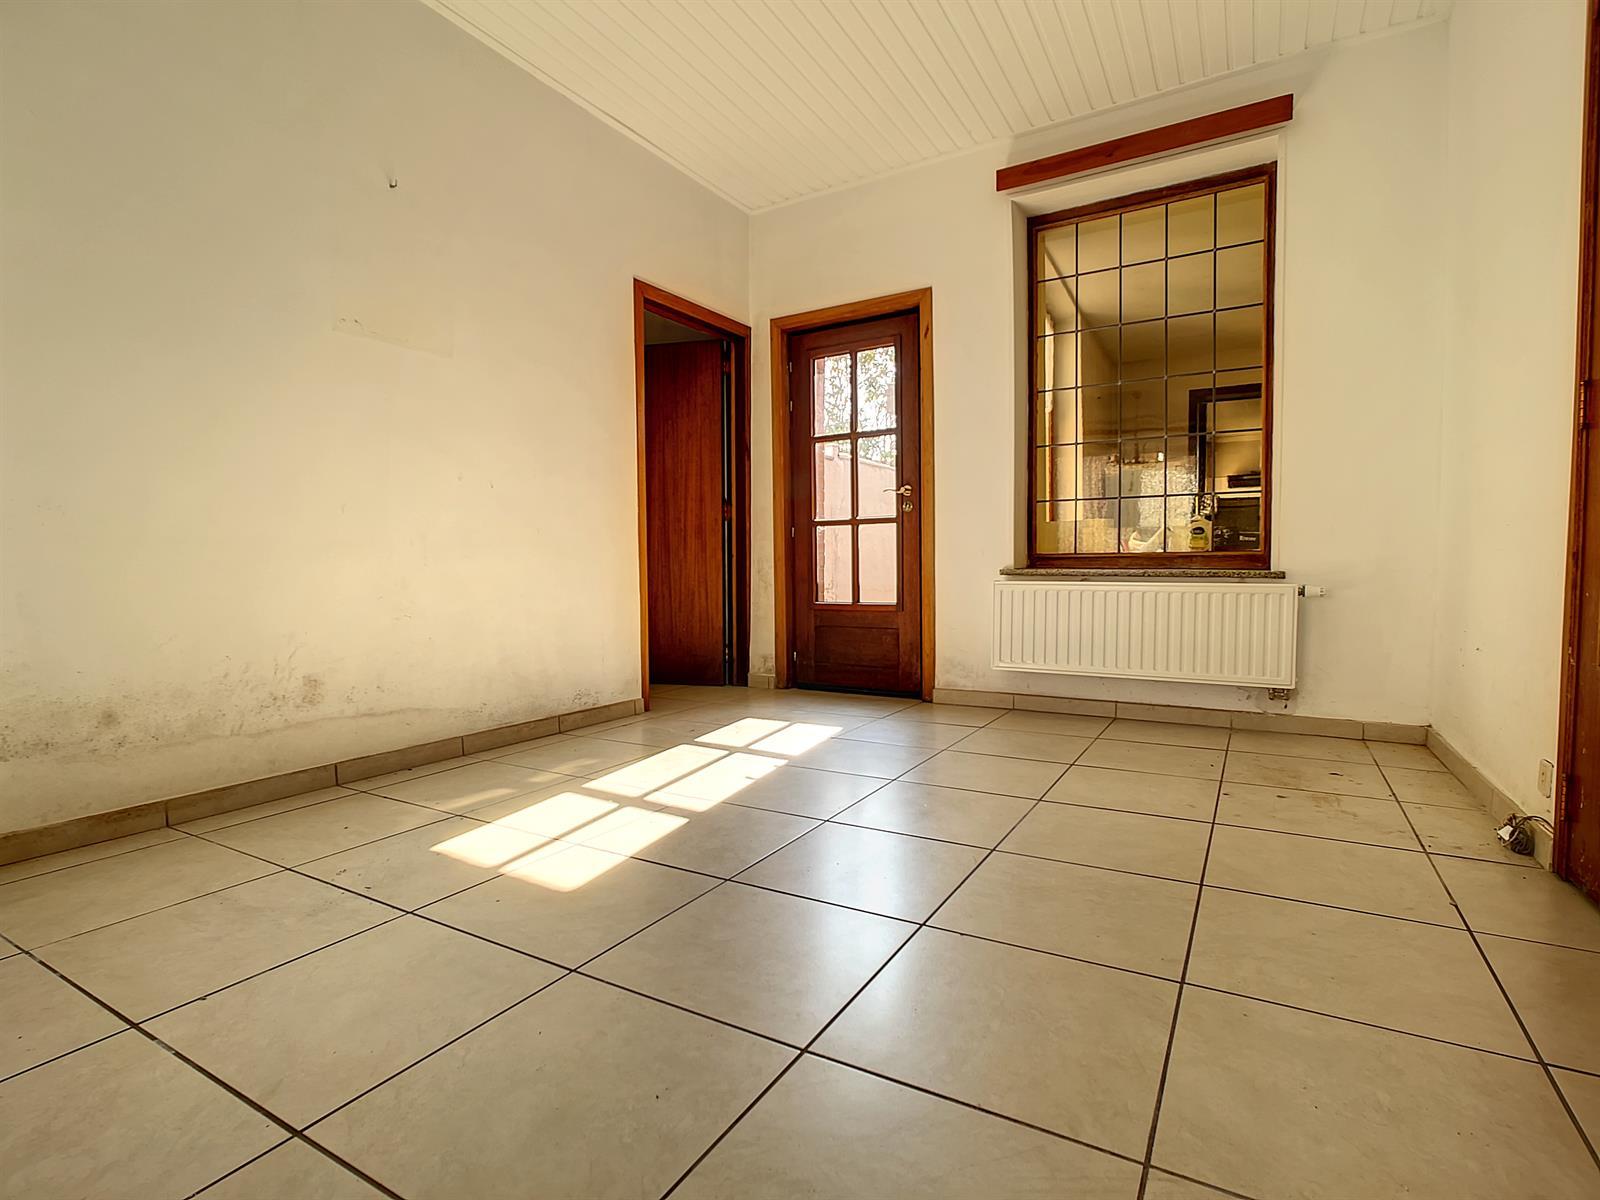 Maison - Trazegnies - #4496714-6